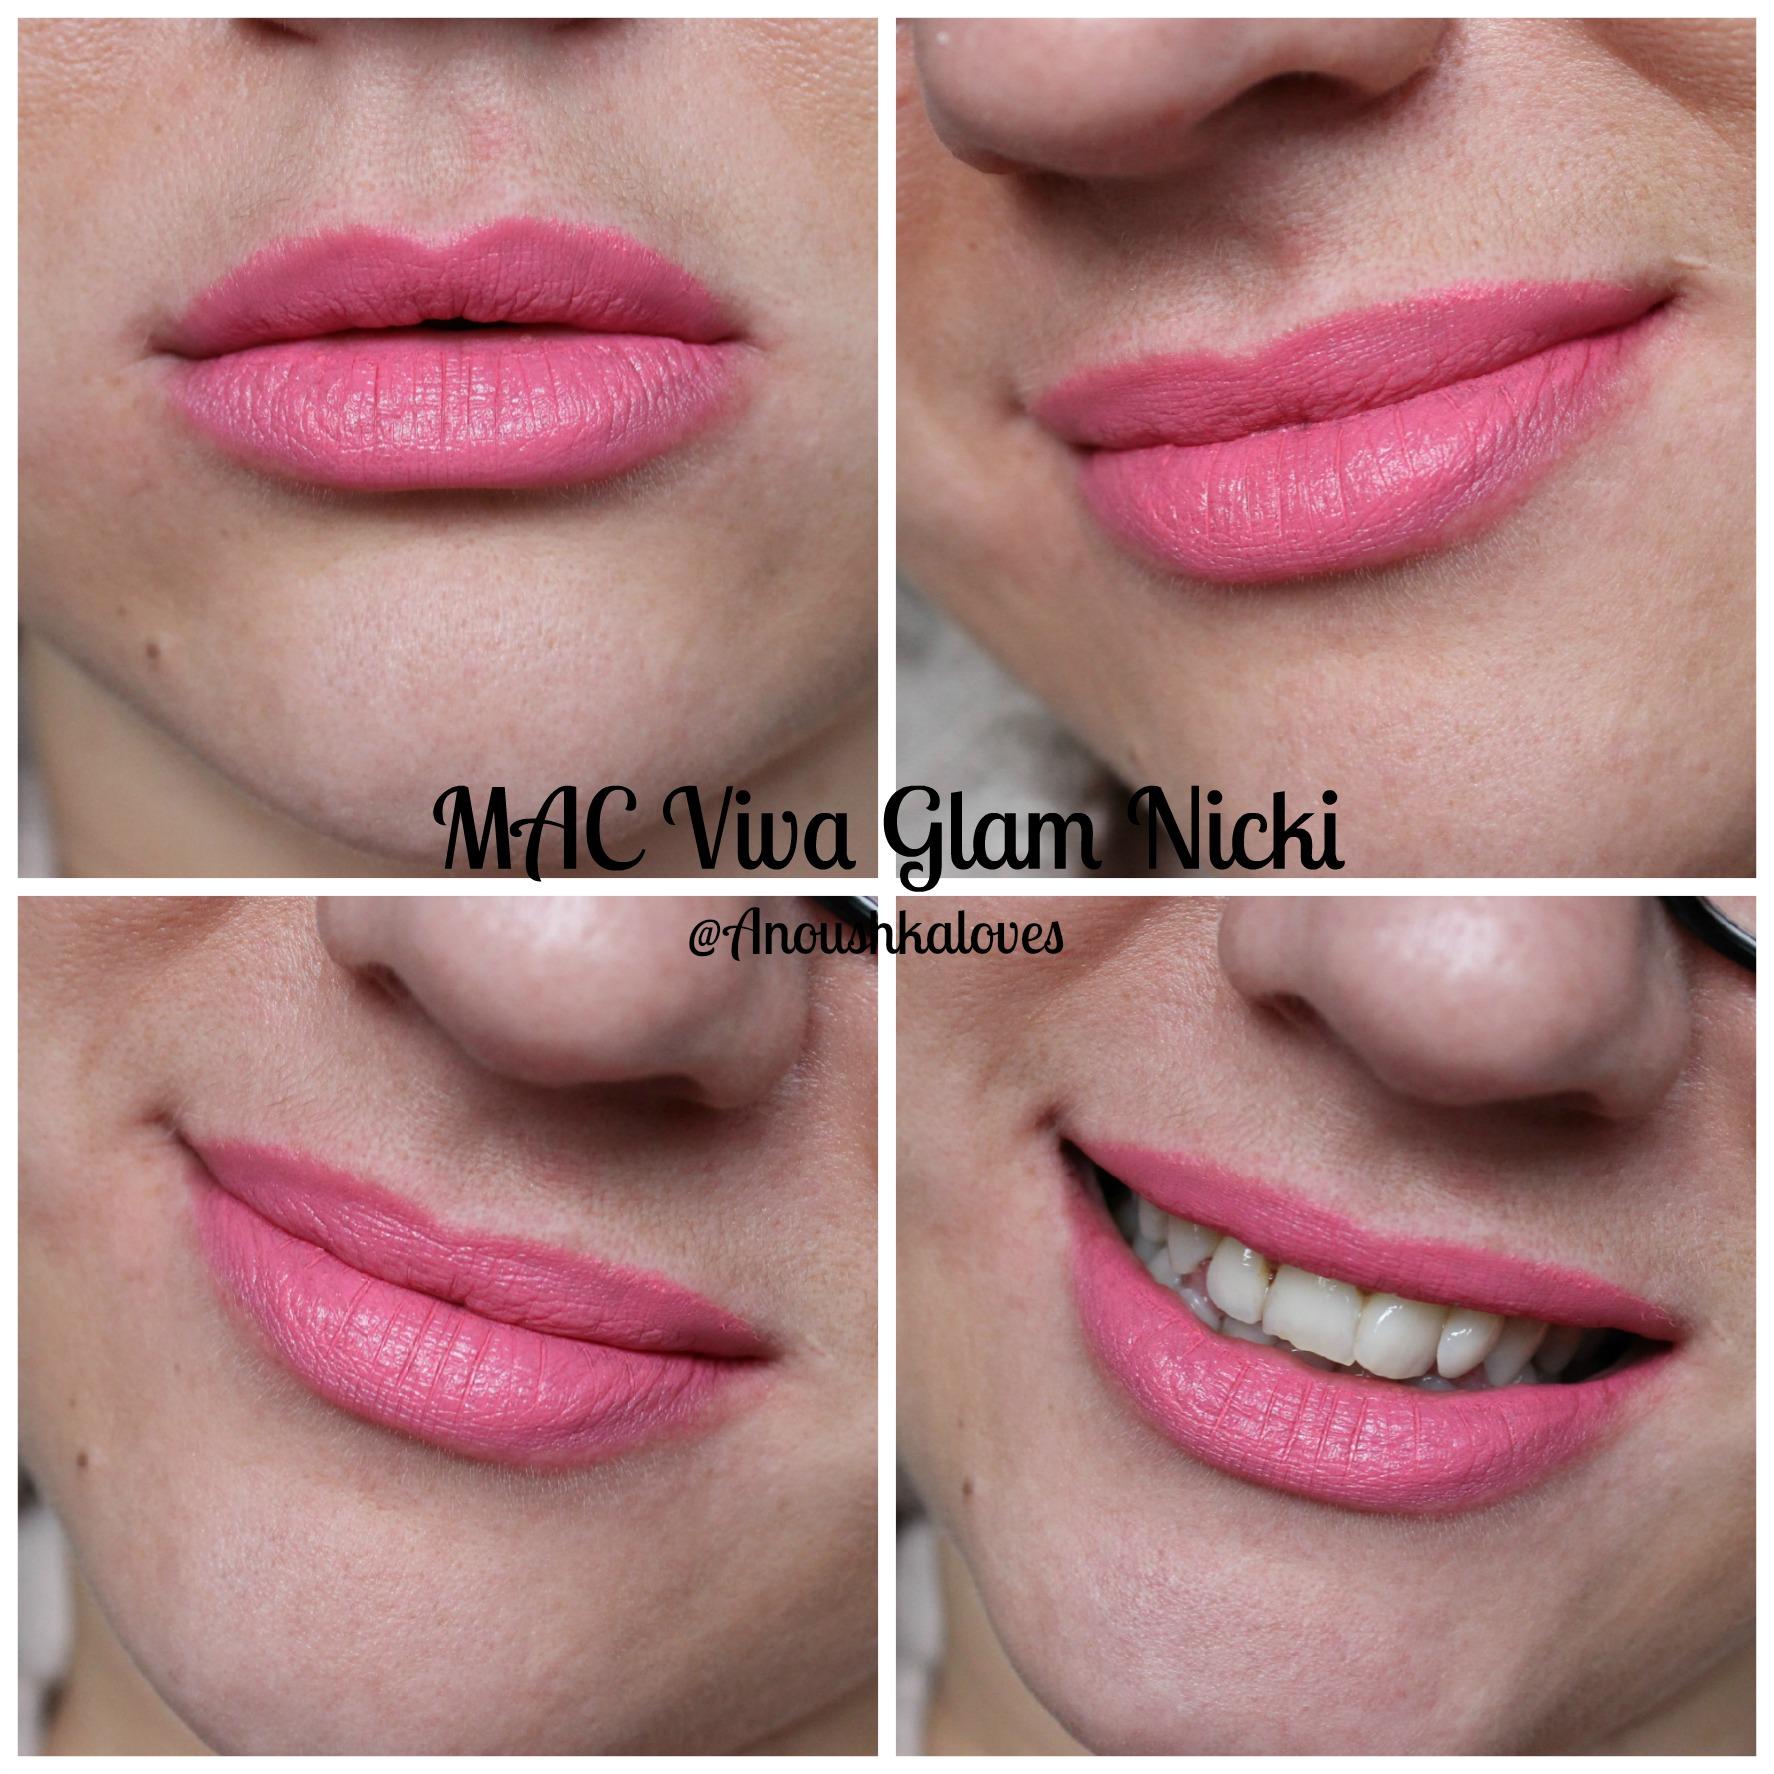 Mac Viva Glam Nicki Review Archives Anoushka Loves Lipstick